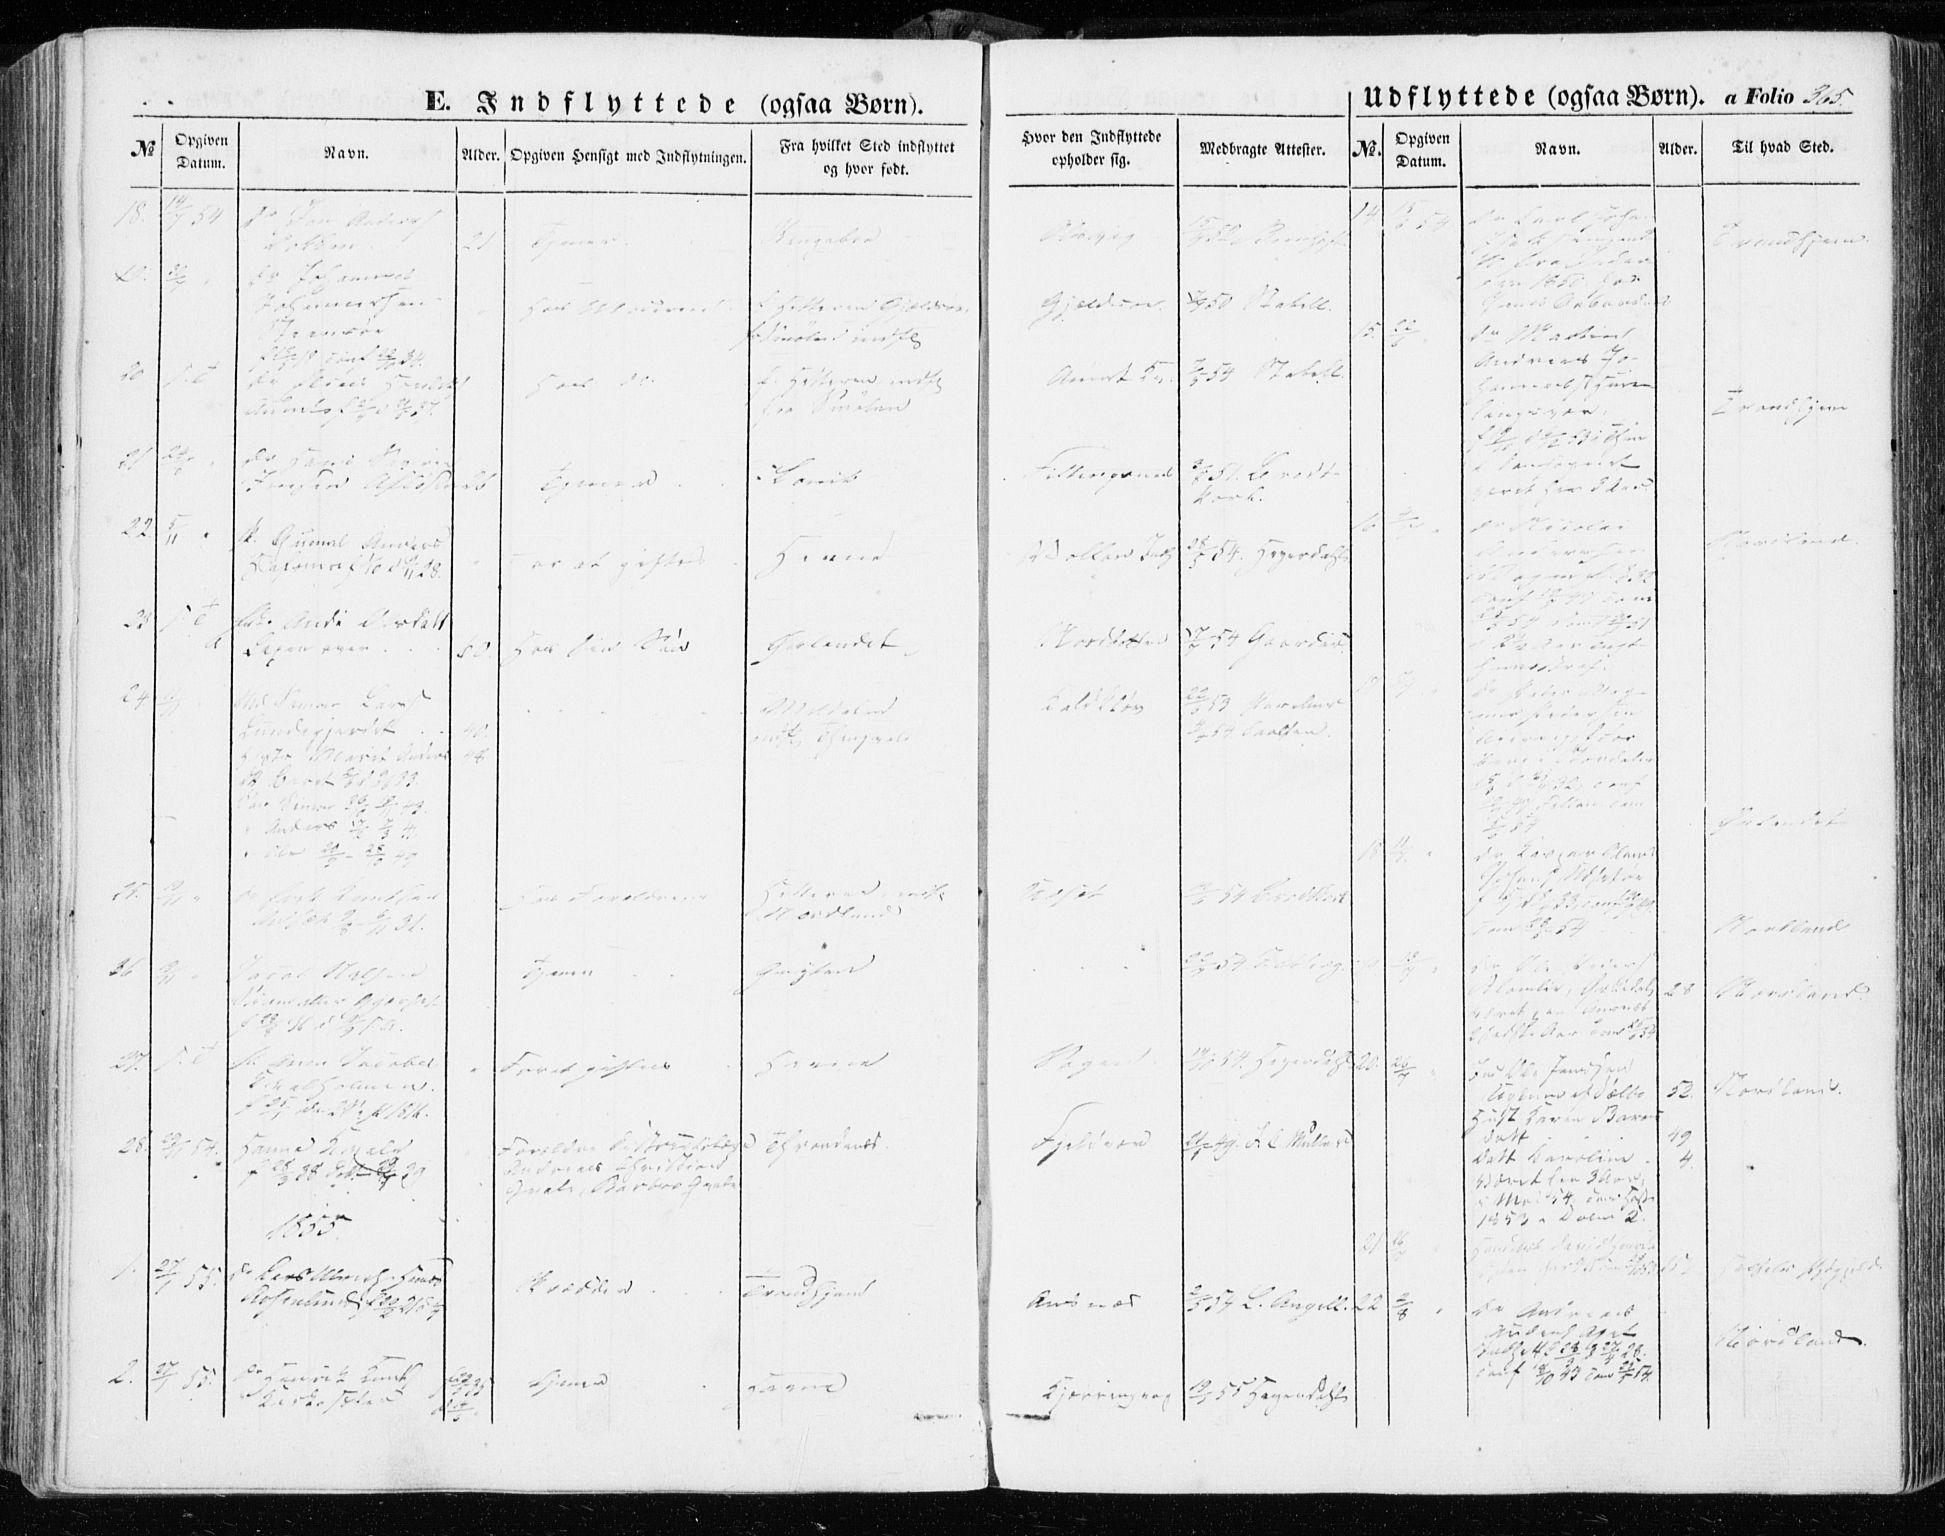 SAT, Ministerialprotokoller, klokkerbøker og fødselsregistre - Sør-Trøndelag, 634/L0530: Ministerialbok nr. 634A06, 1852-1860, s. 365